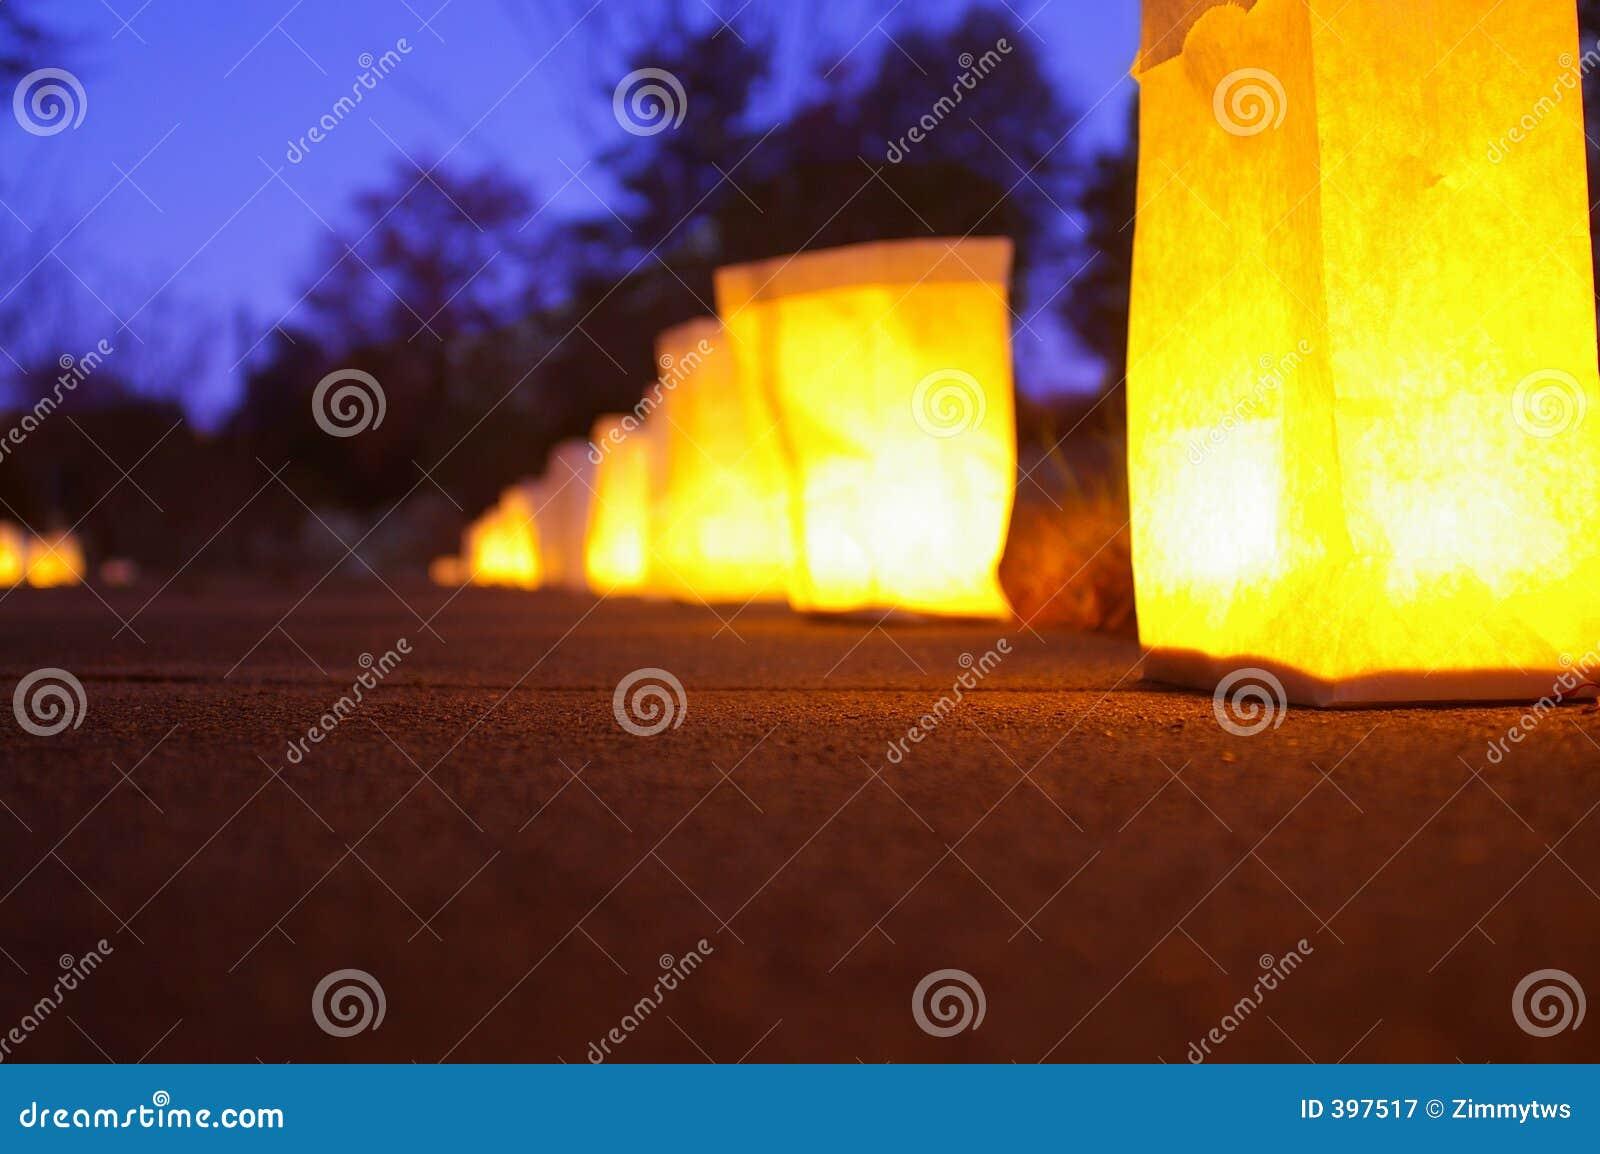 Bougies sur un chemin